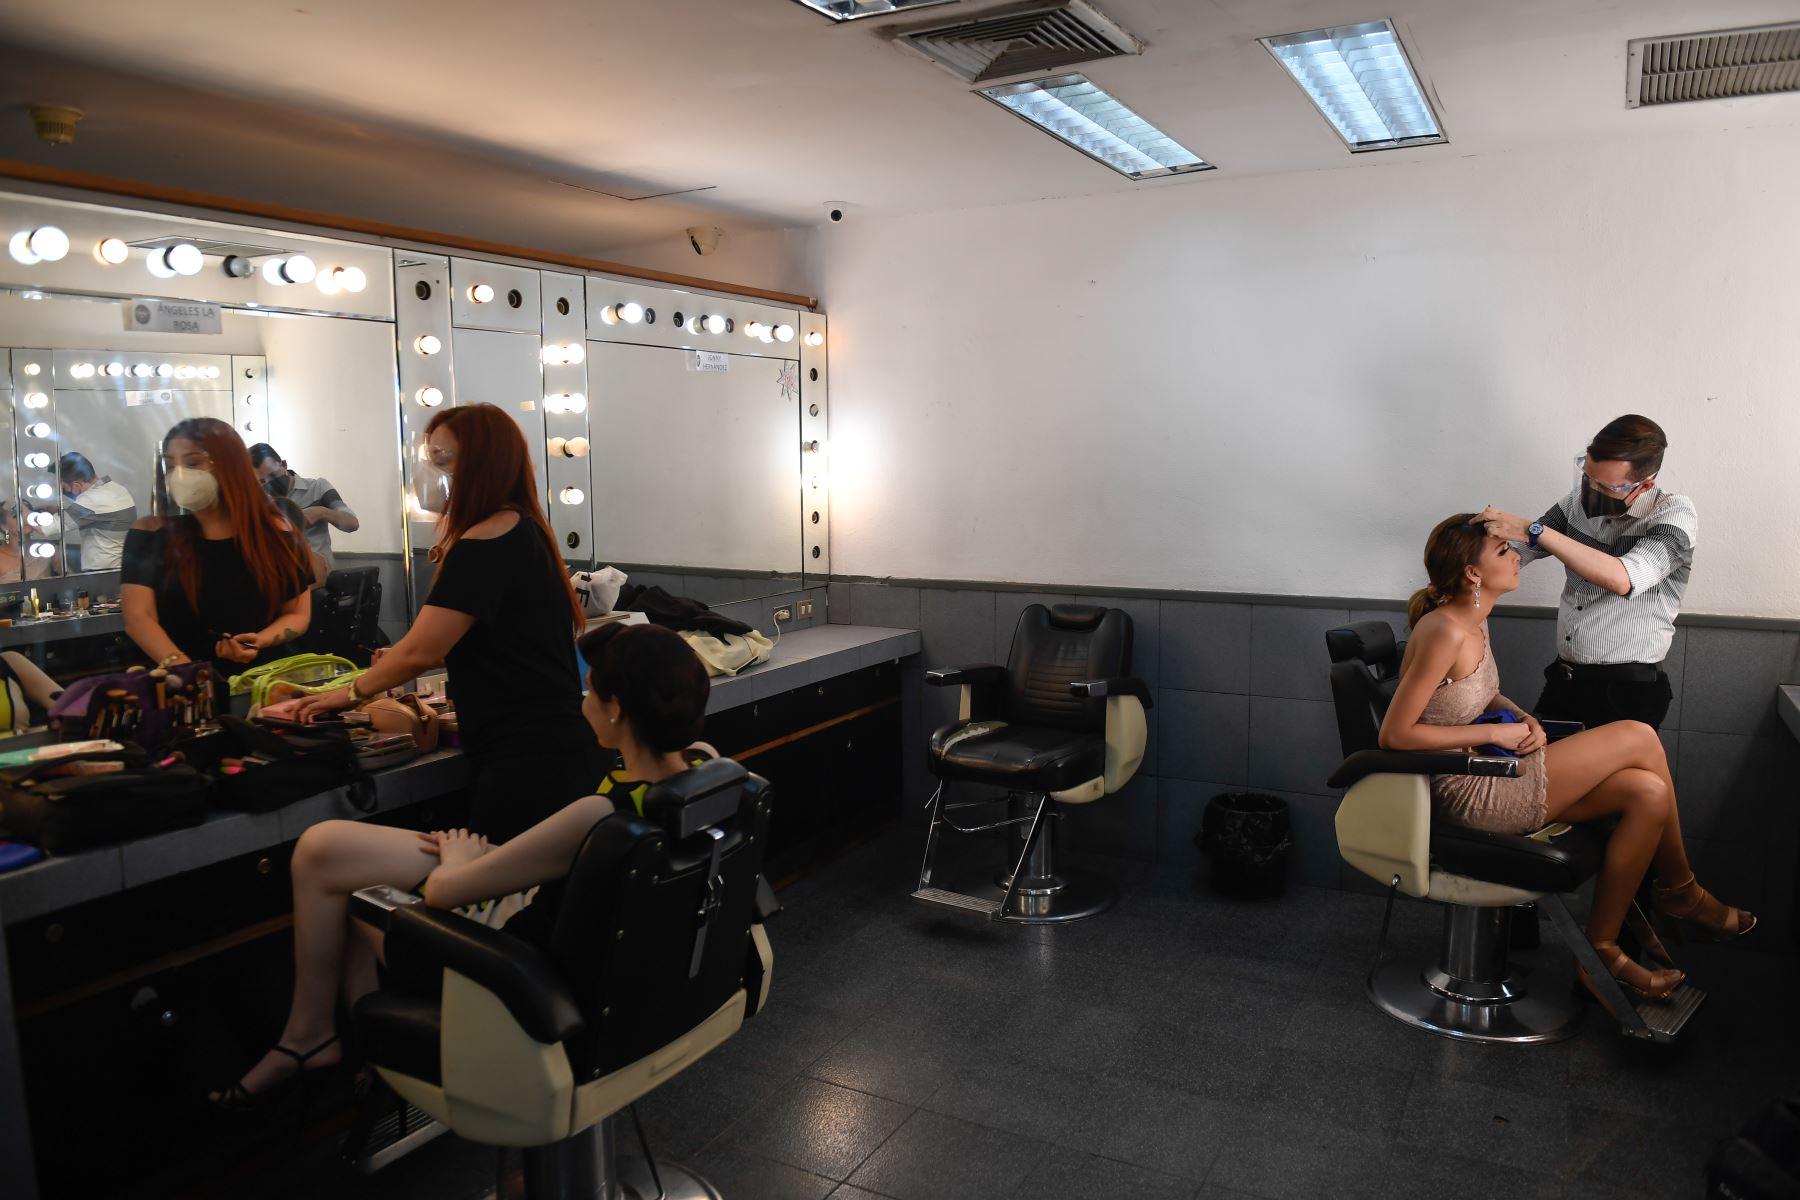 Las concursantes de Miss Venezuela se preparan en el camerino antes de una reunirse con los jueces, en la estación de televisión Venevisión, en Caracas. Foto: AFP